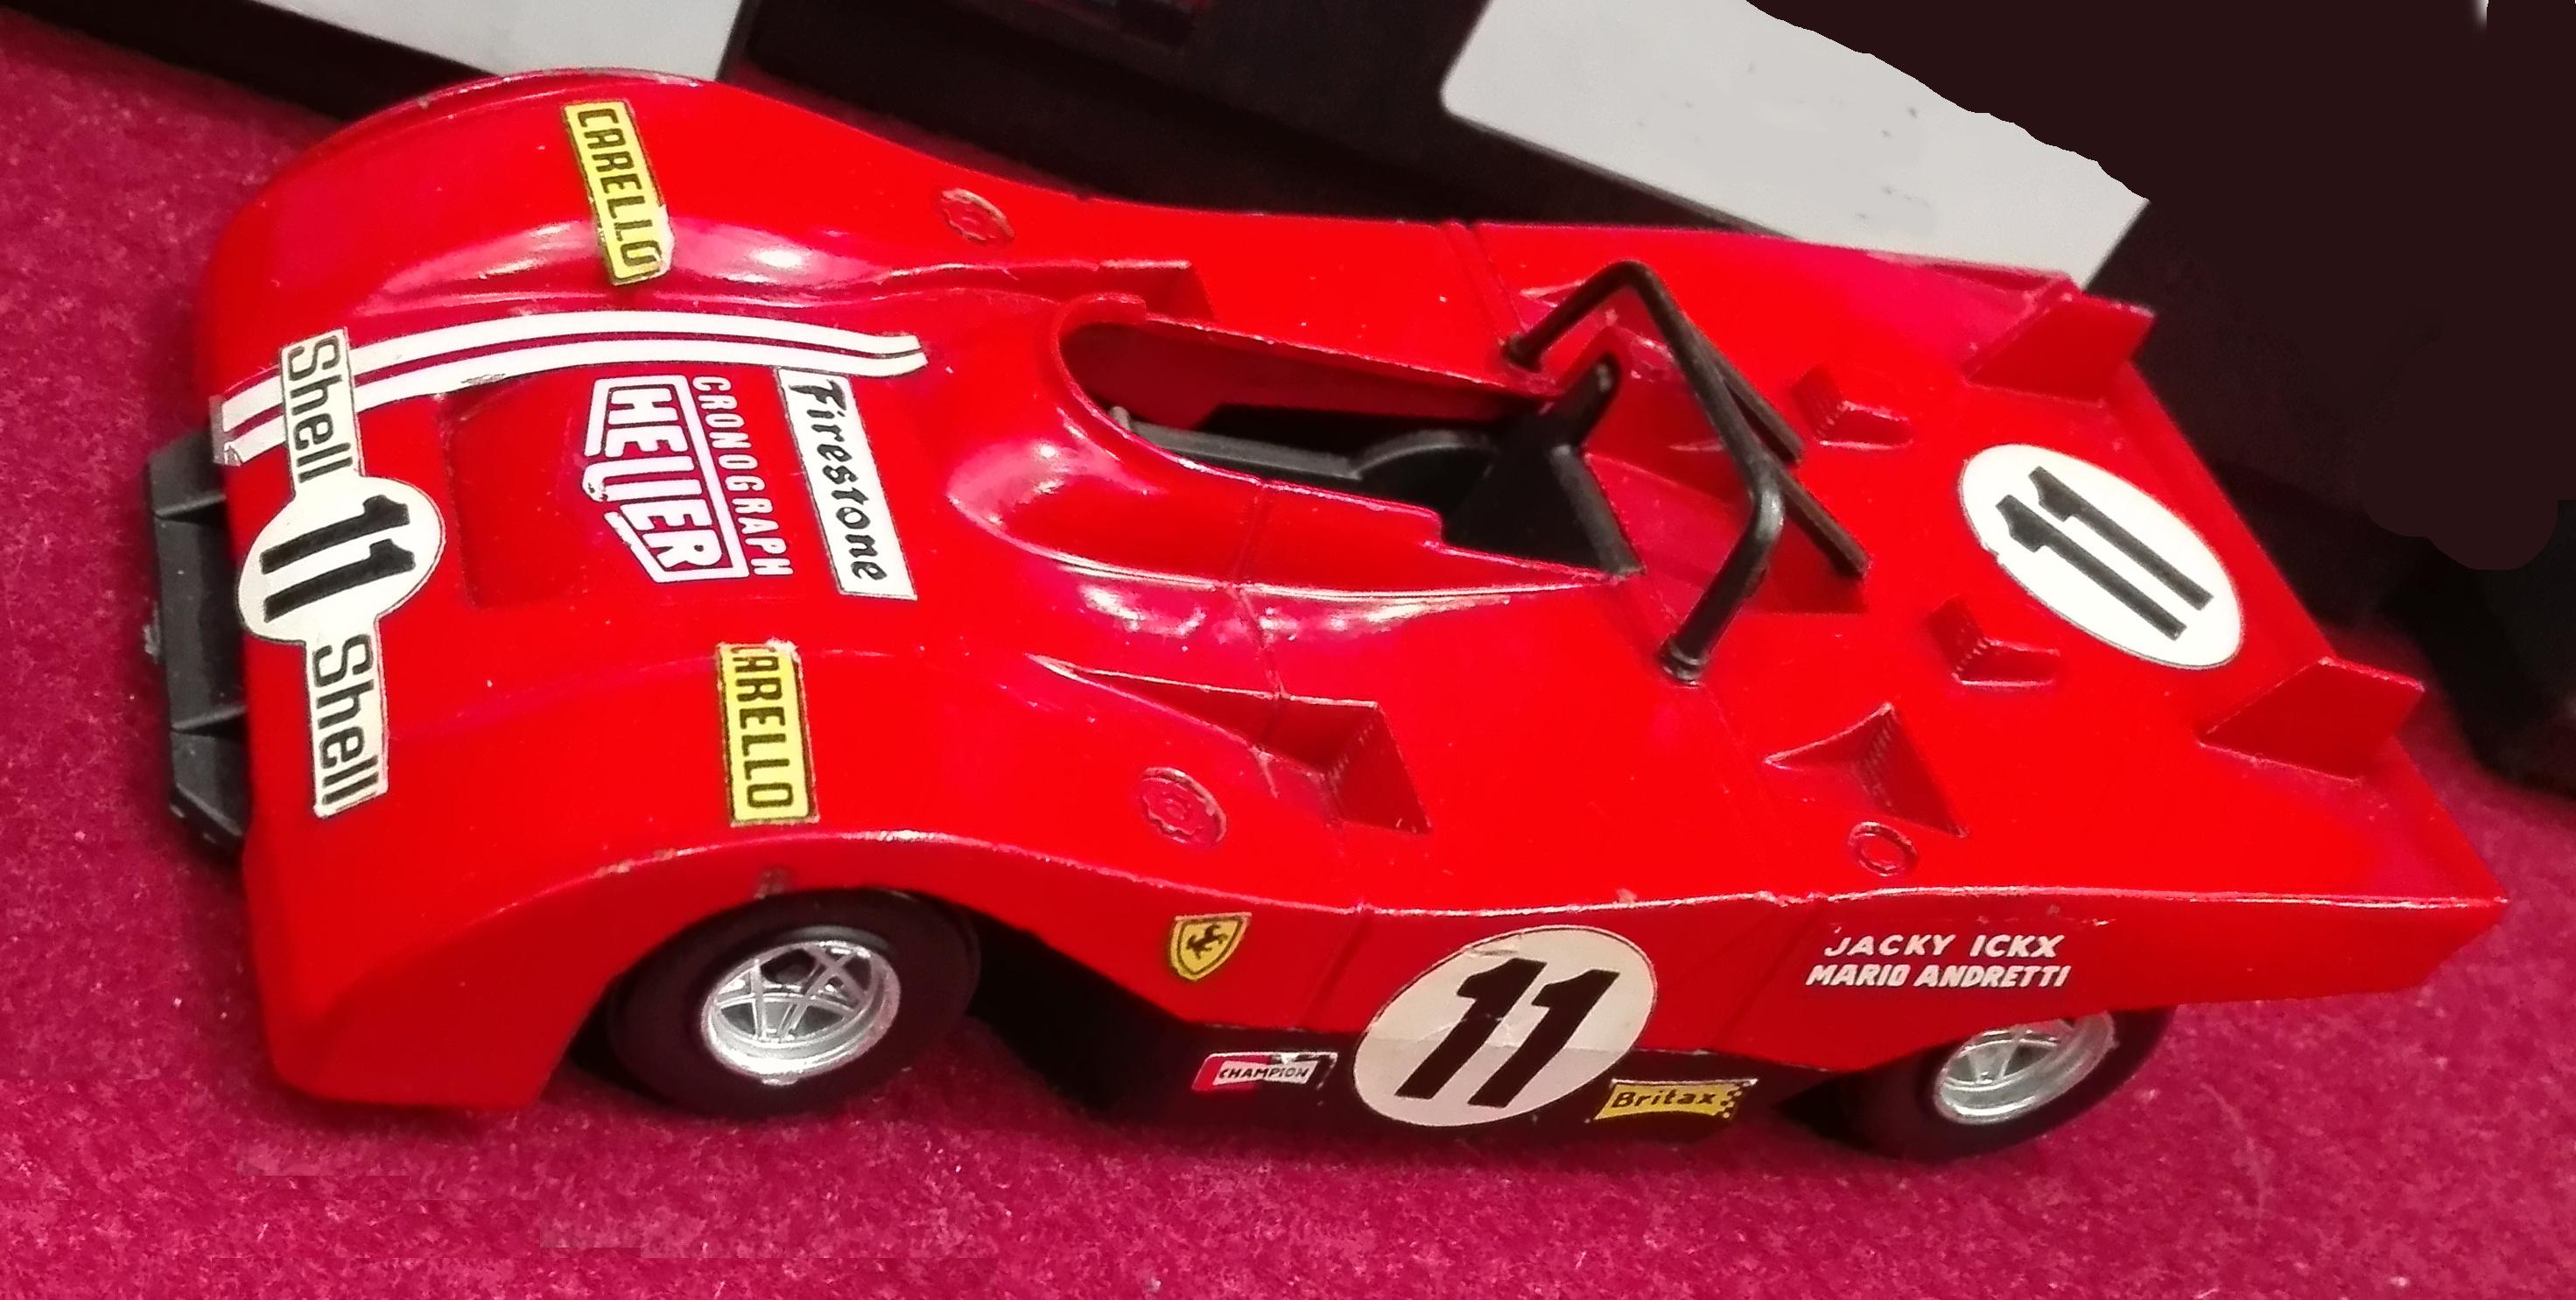 L1, Ferrari 312 PB N°11 guidata da Andretti e Ickx. Ha corso dal 1971 al 1973 (cc-by-sa mia foto)